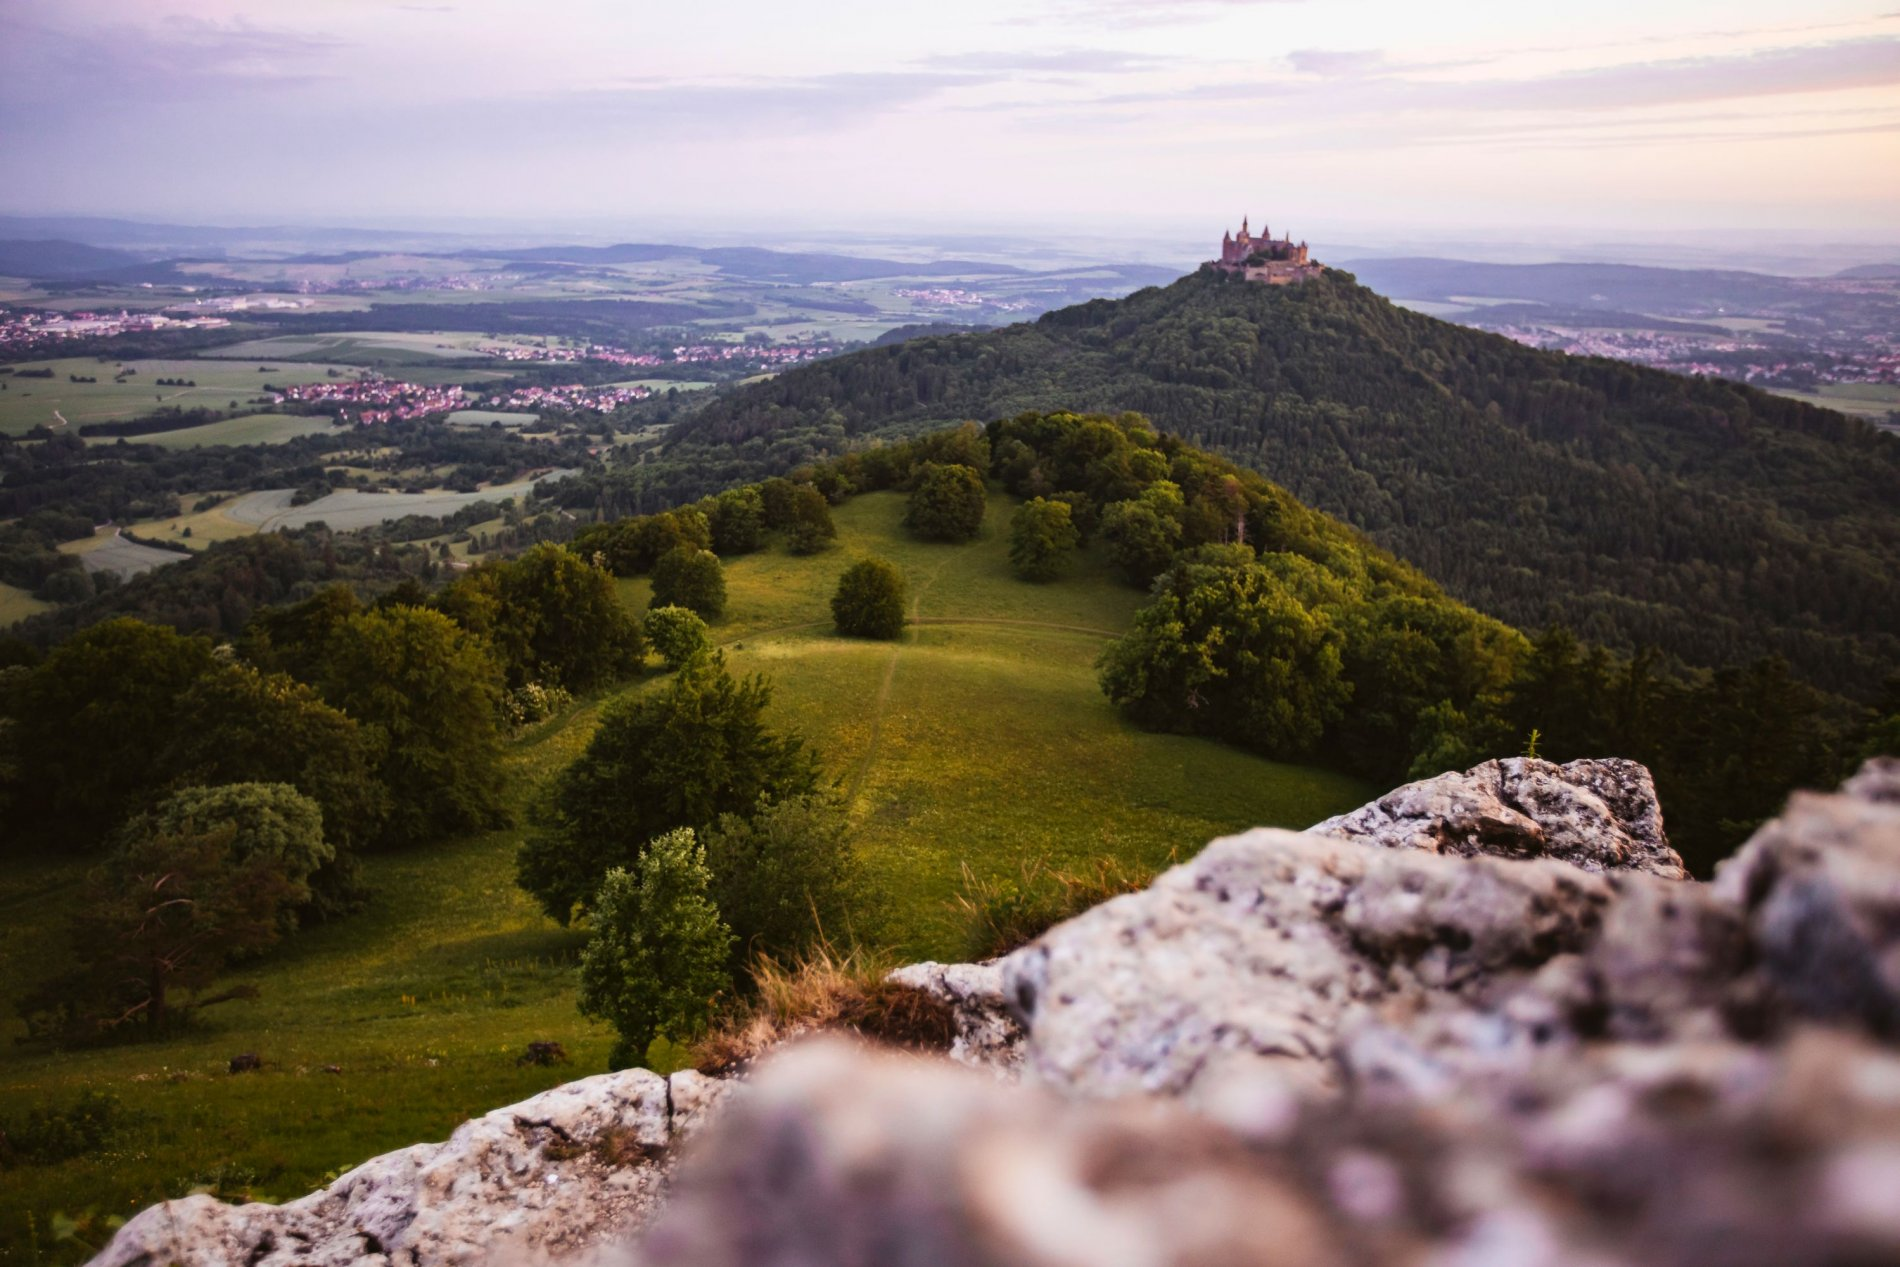 Sagenhafter Blick vom Zeller Horn auf die Burg Hohenzollern